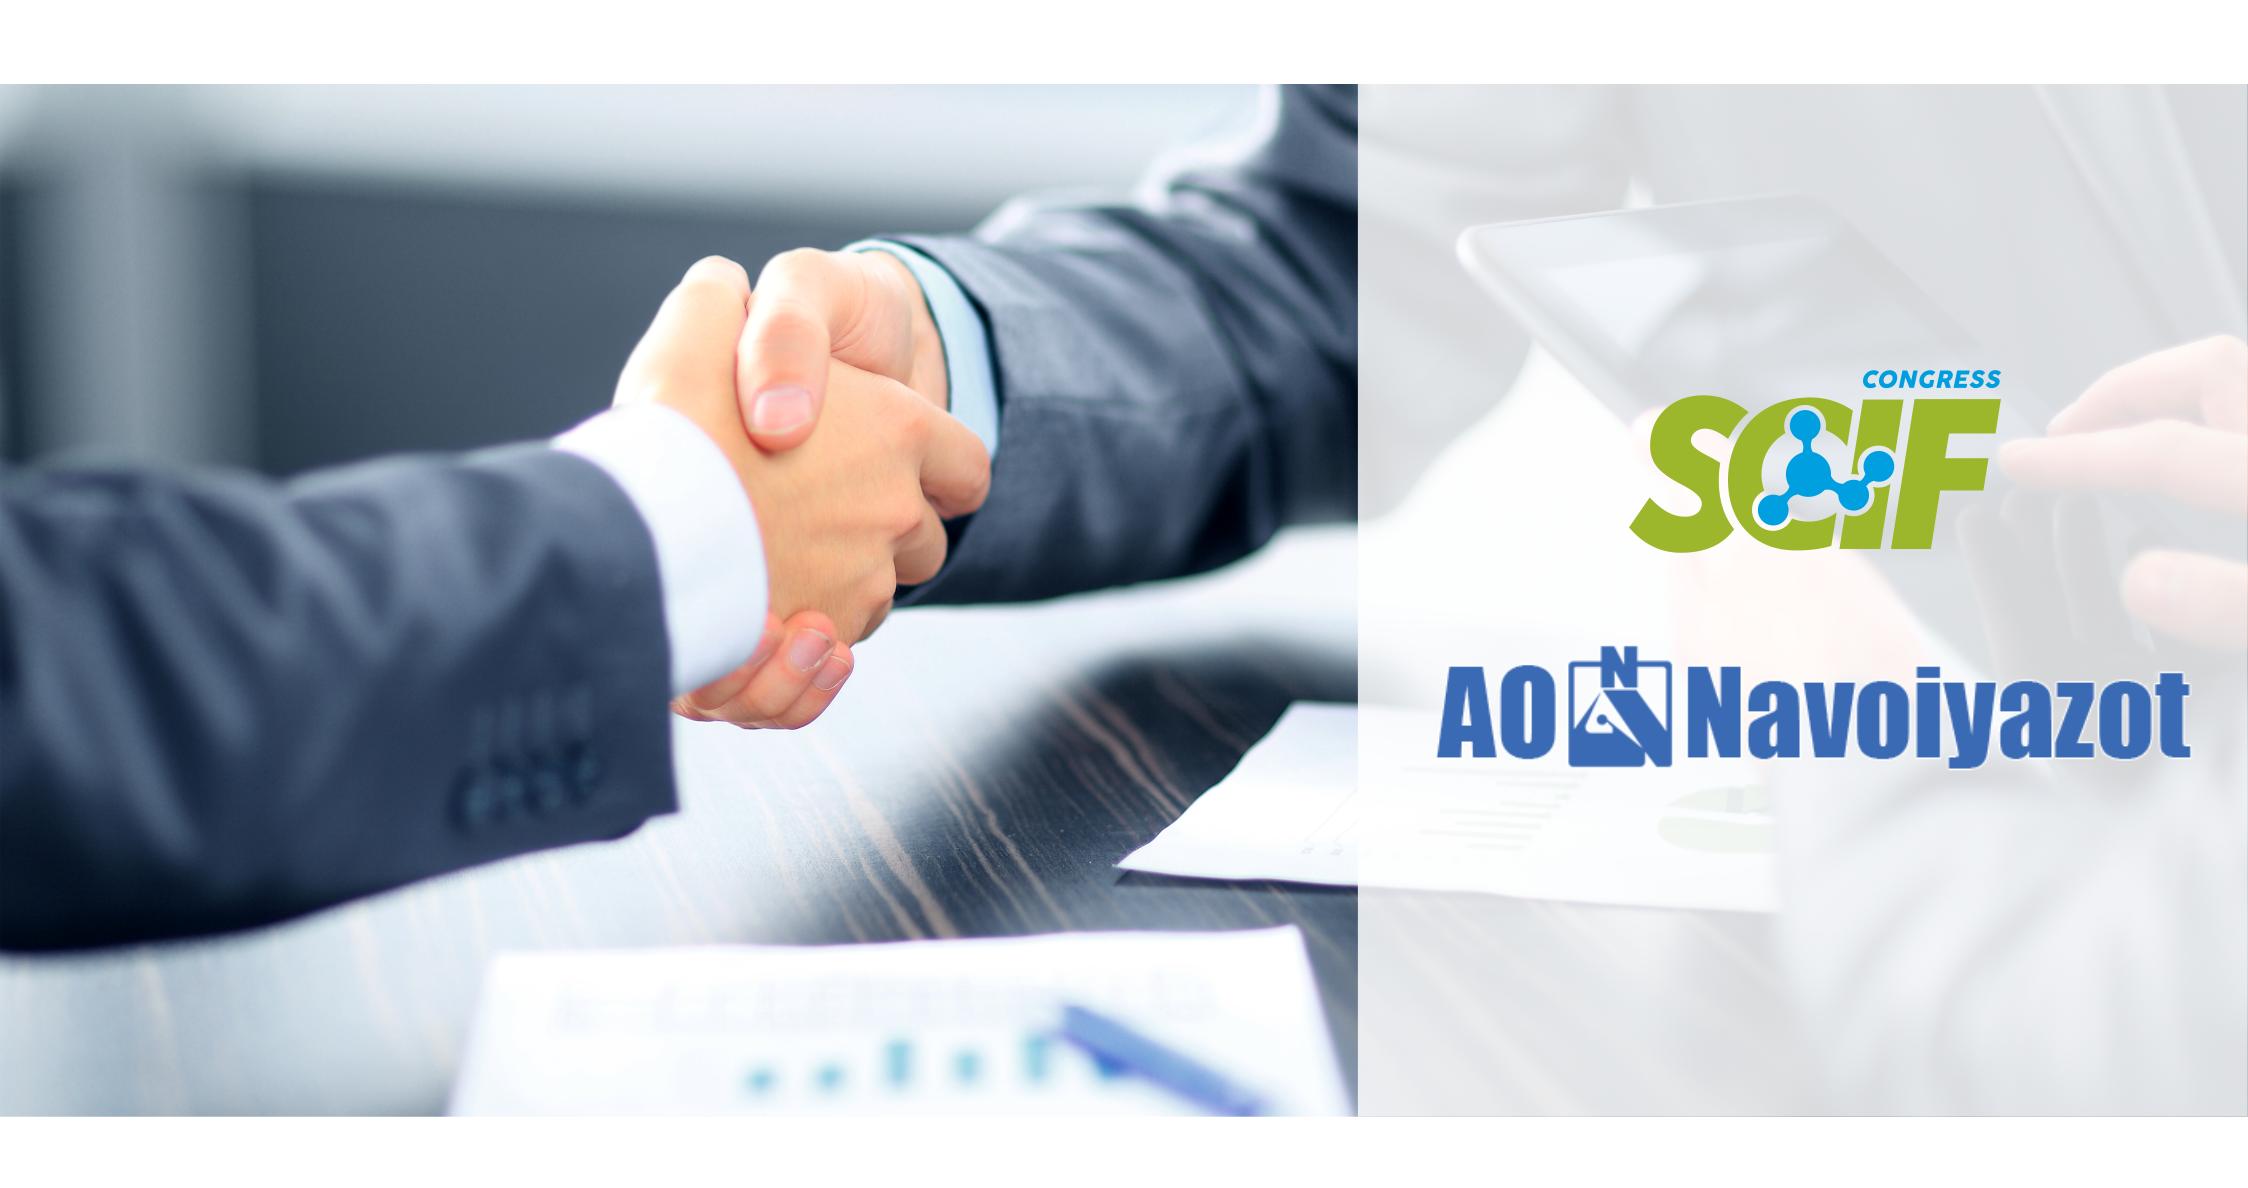 SCIF Congress и АО «Navoiyazot» подписали МЕМОРАНДУМ о сотрудничестве